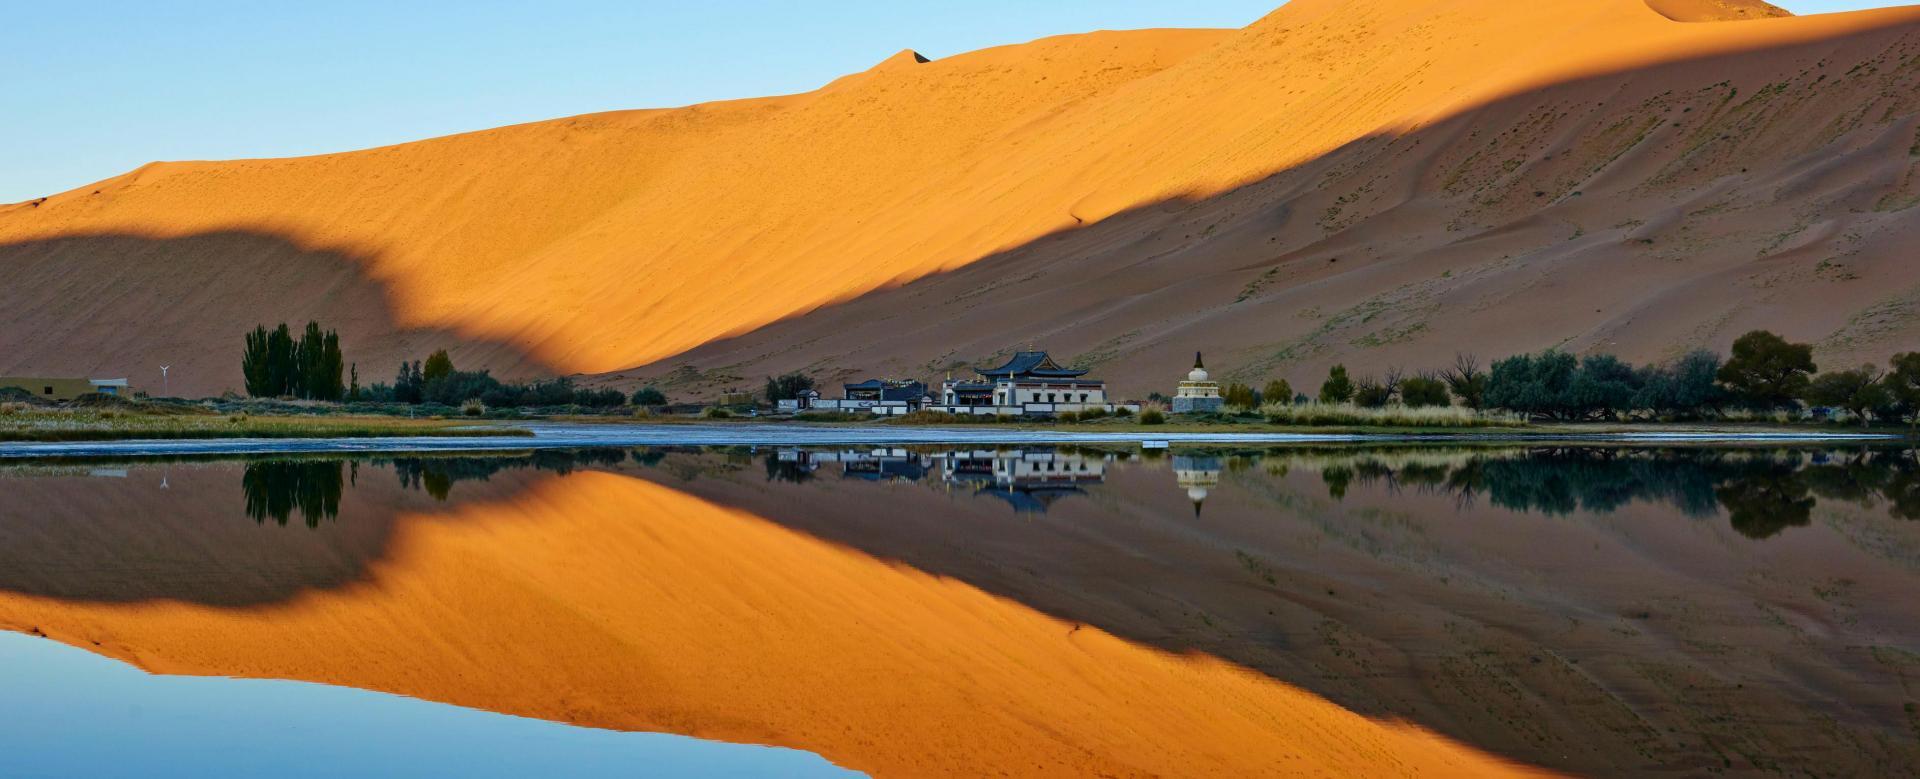 Voyage à pied : Dans les dunes du désert de badain jaran